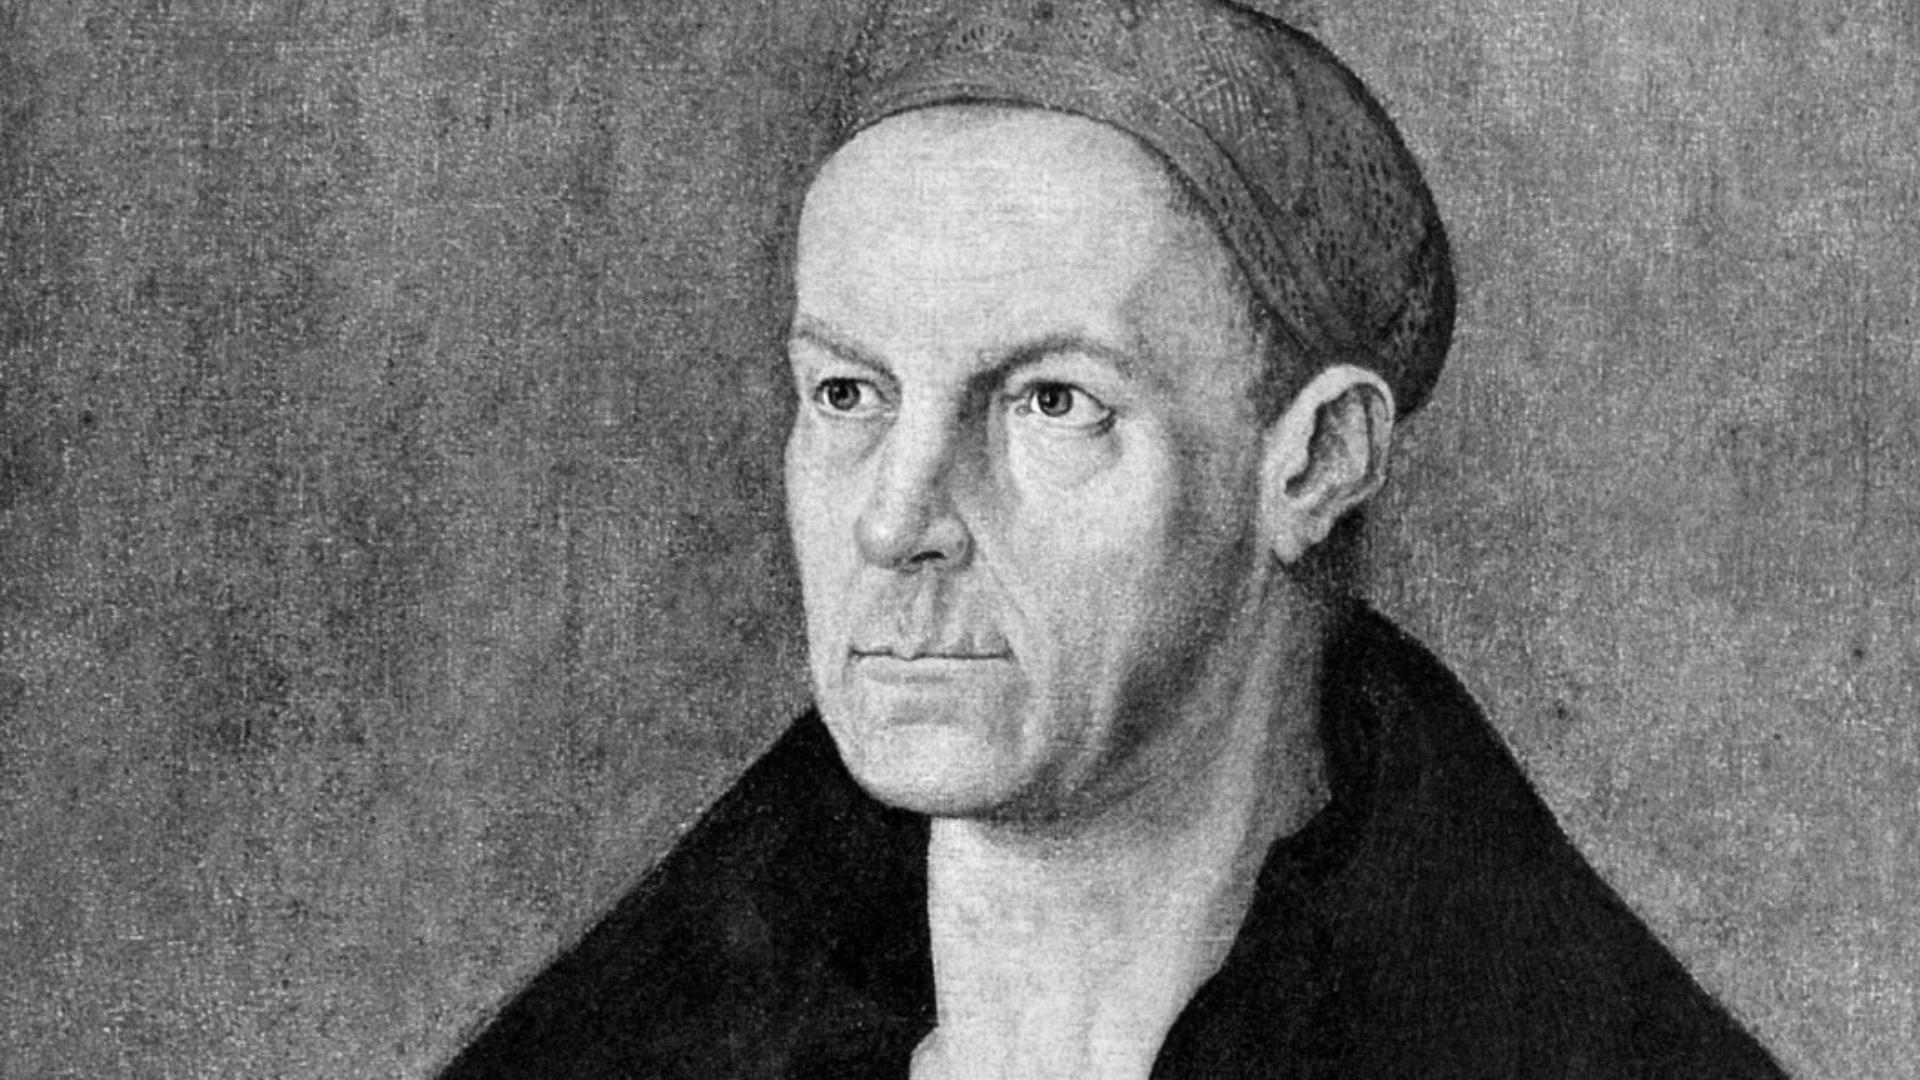 Jakob Fugger